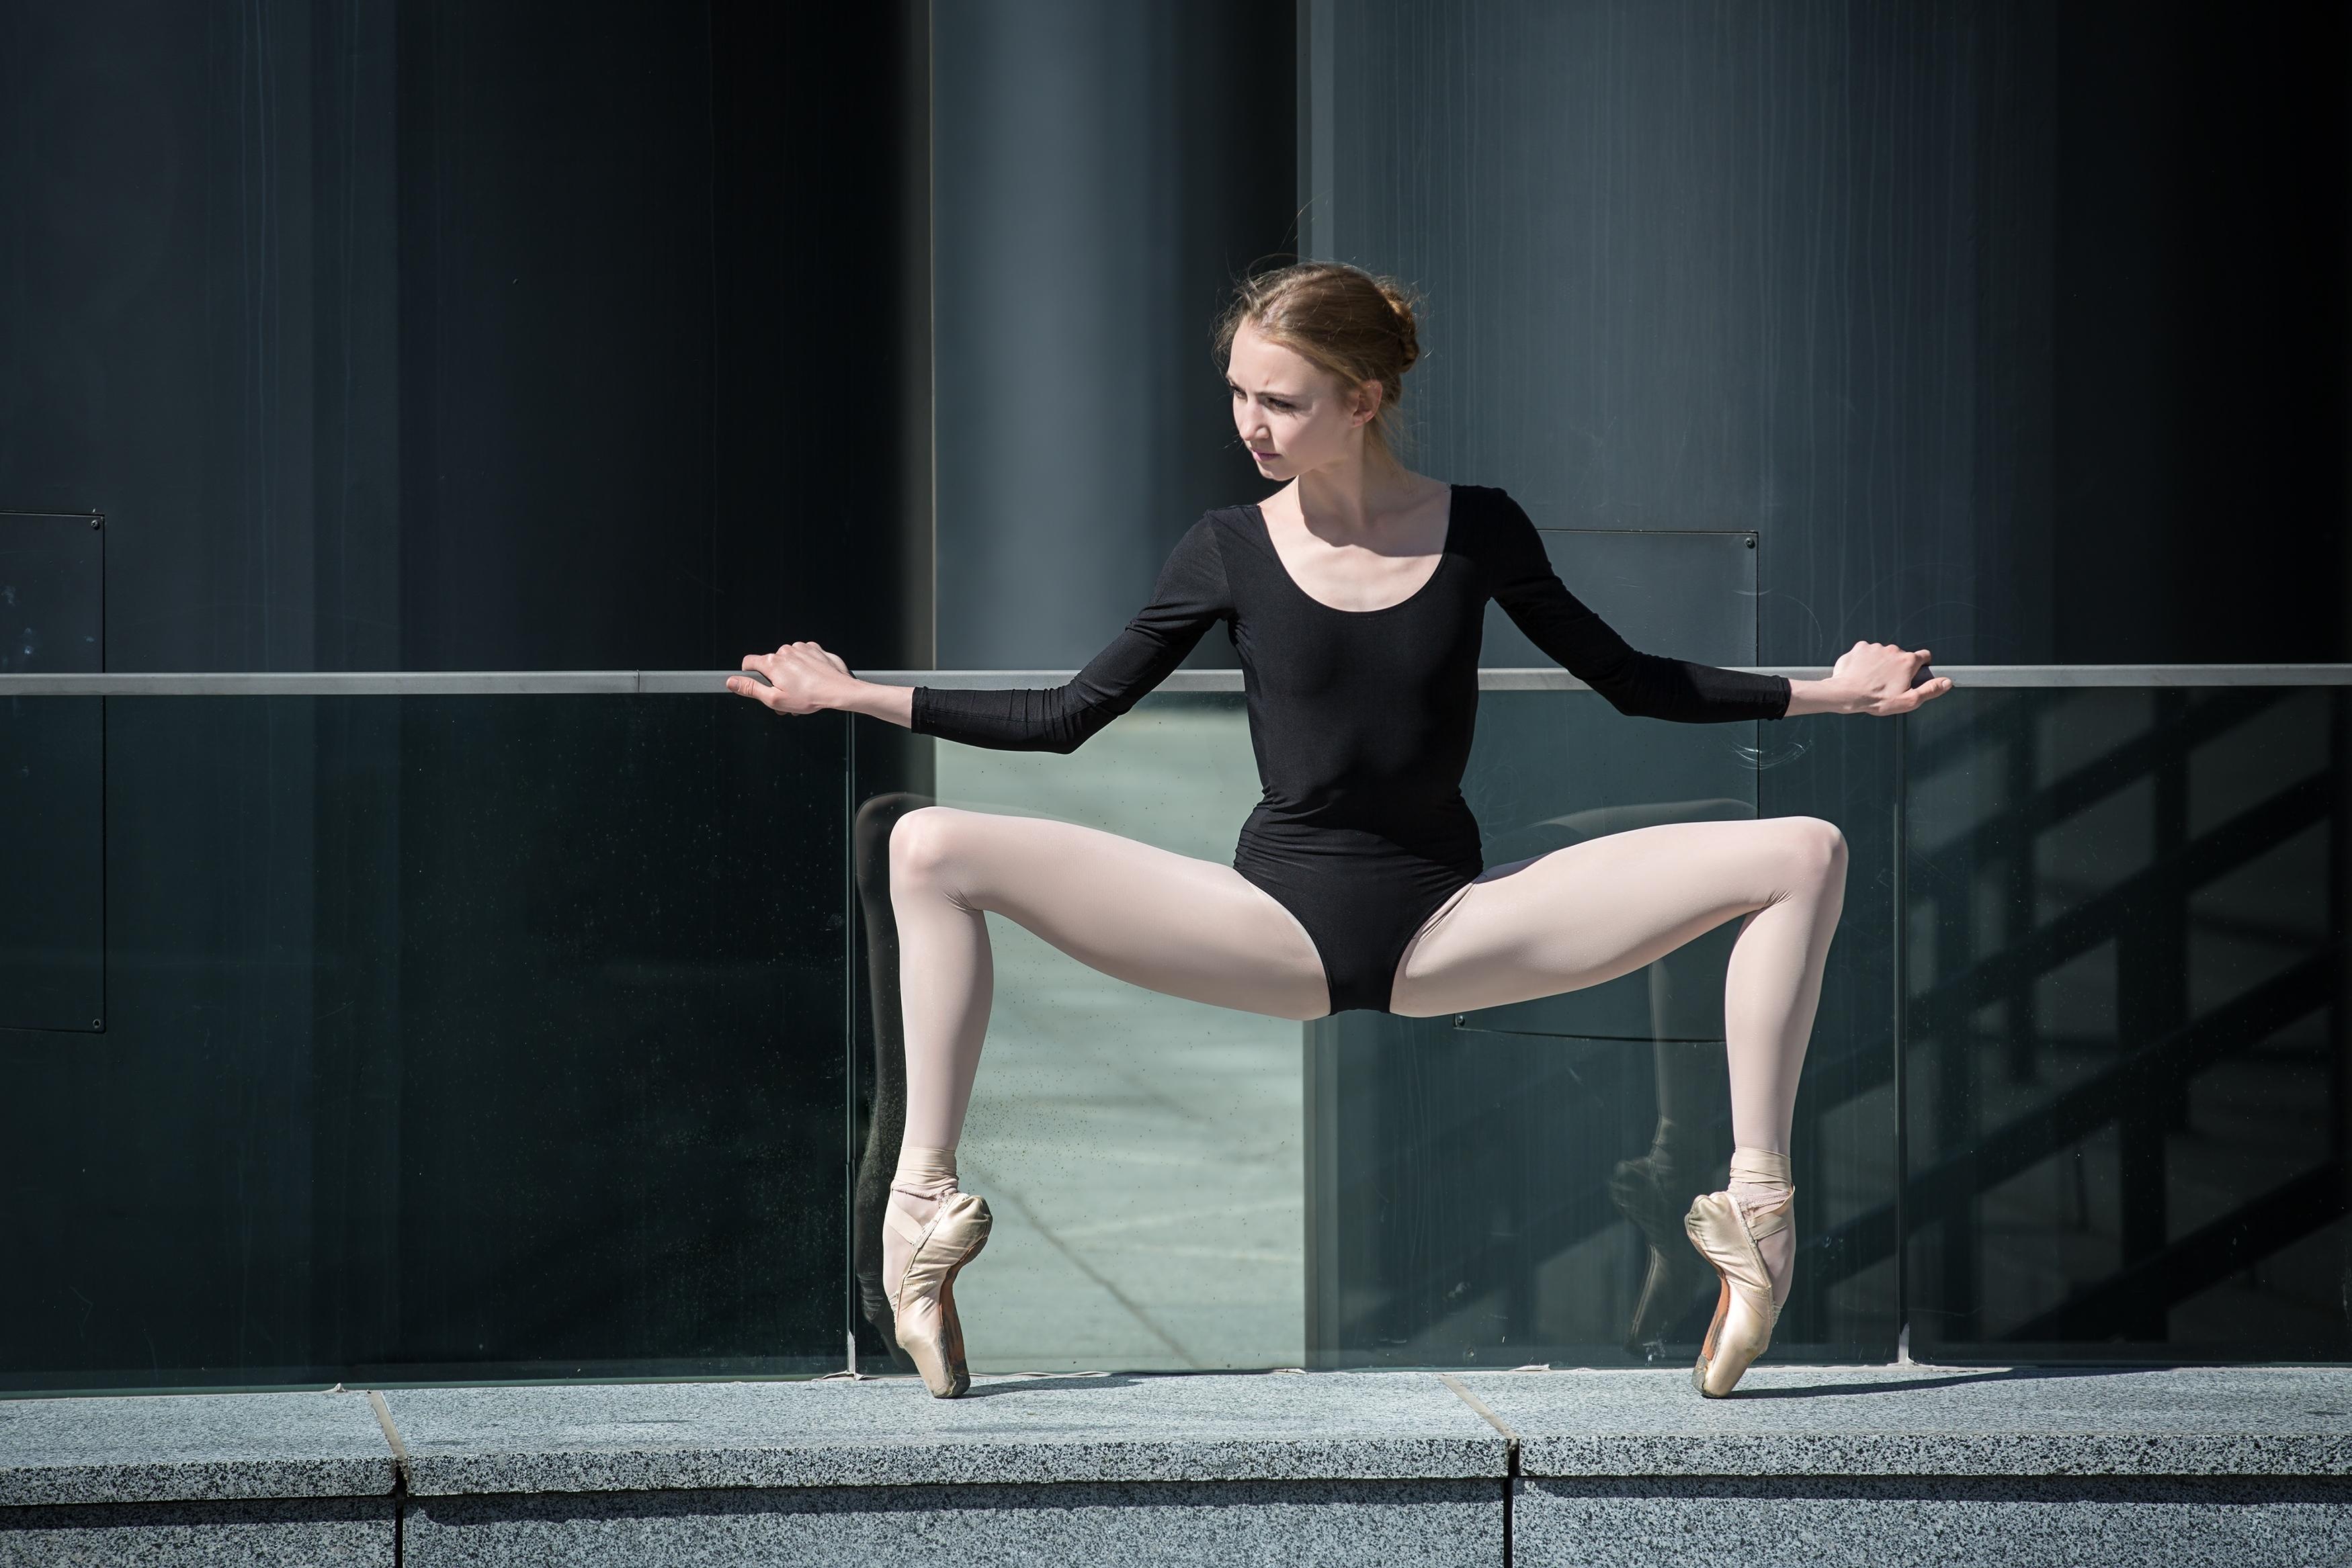 a729d576cffcfa4ec8cc_Dance_Ballet_2.jpg